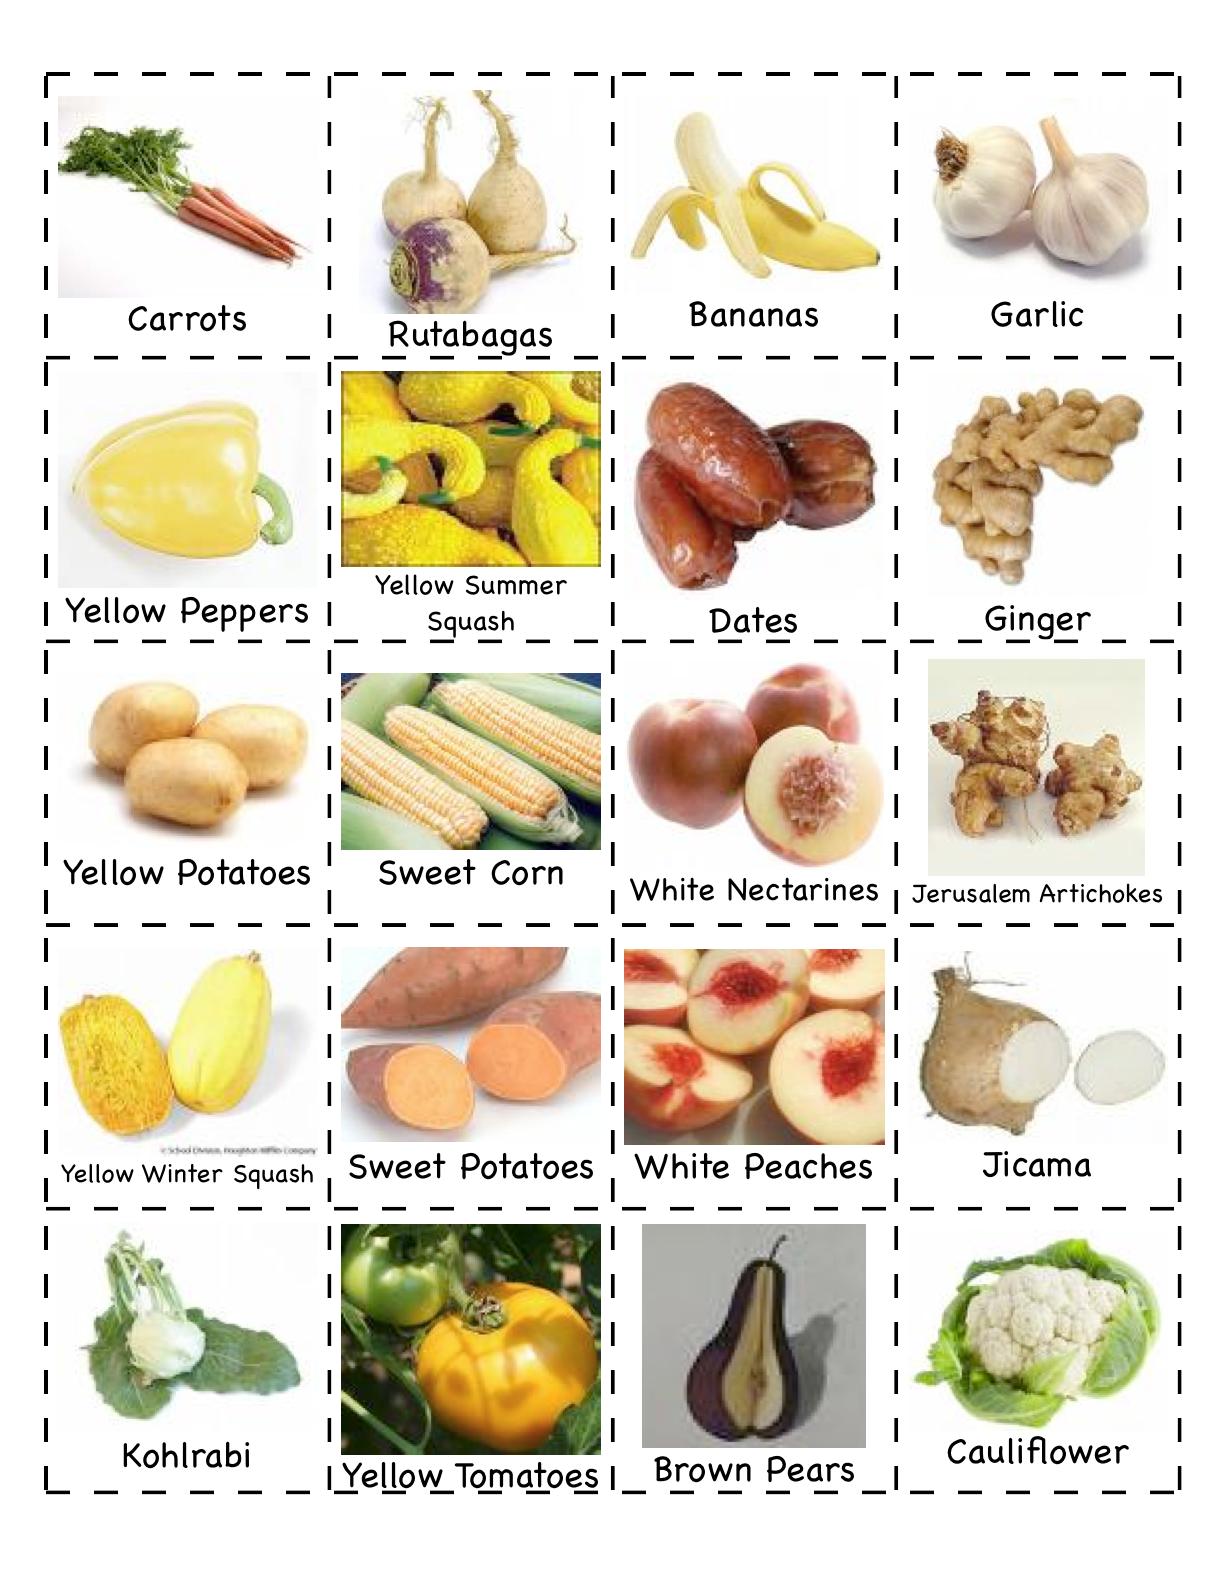 Angol Feladatok Mondokak Szinez K Fruits Vegetables